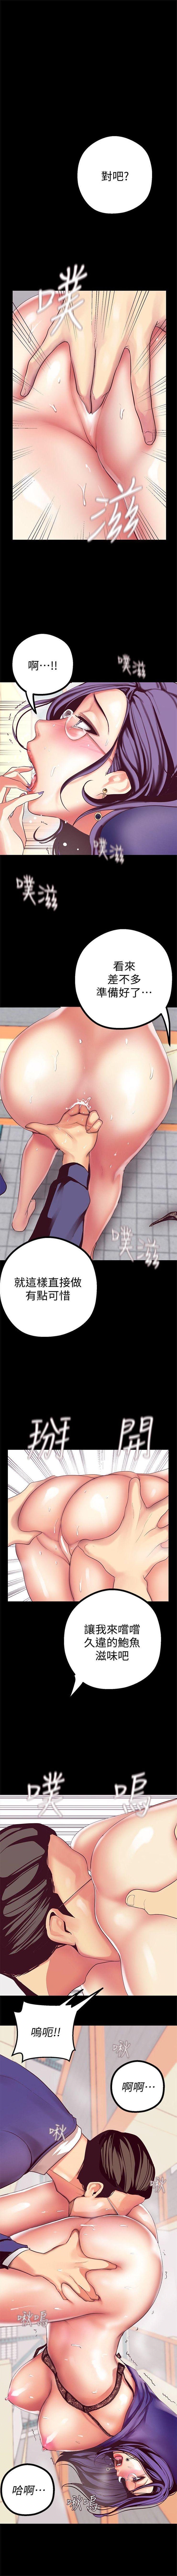 (週1)美麗新世界 1-70 中文翻譯 (更新中) 156